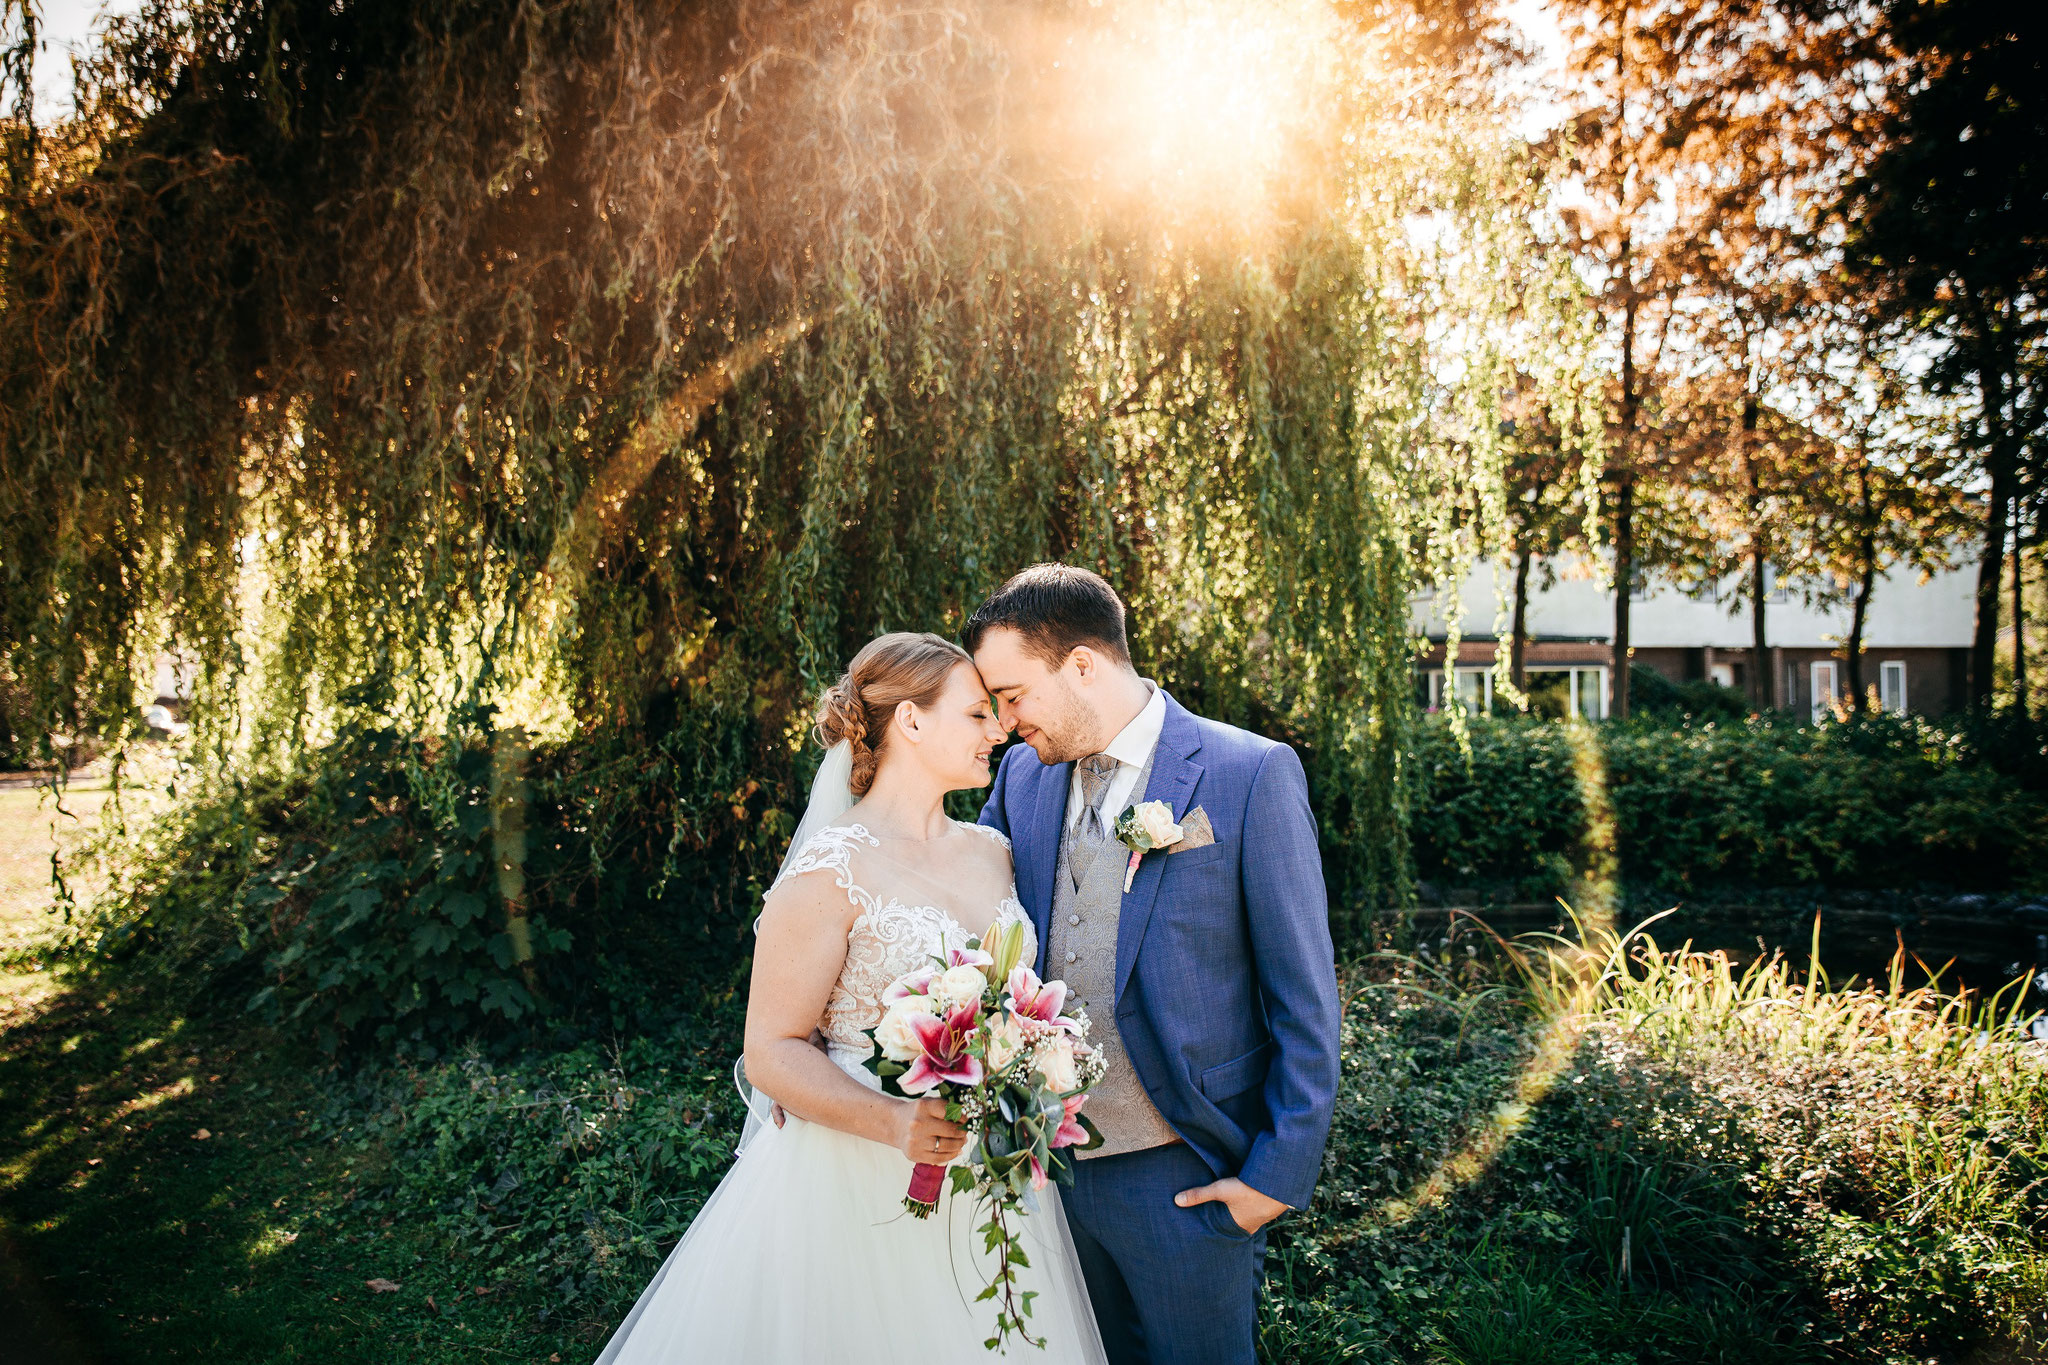 ^Vicky & Alex - Hochzeitsfotografen aus Bramsche